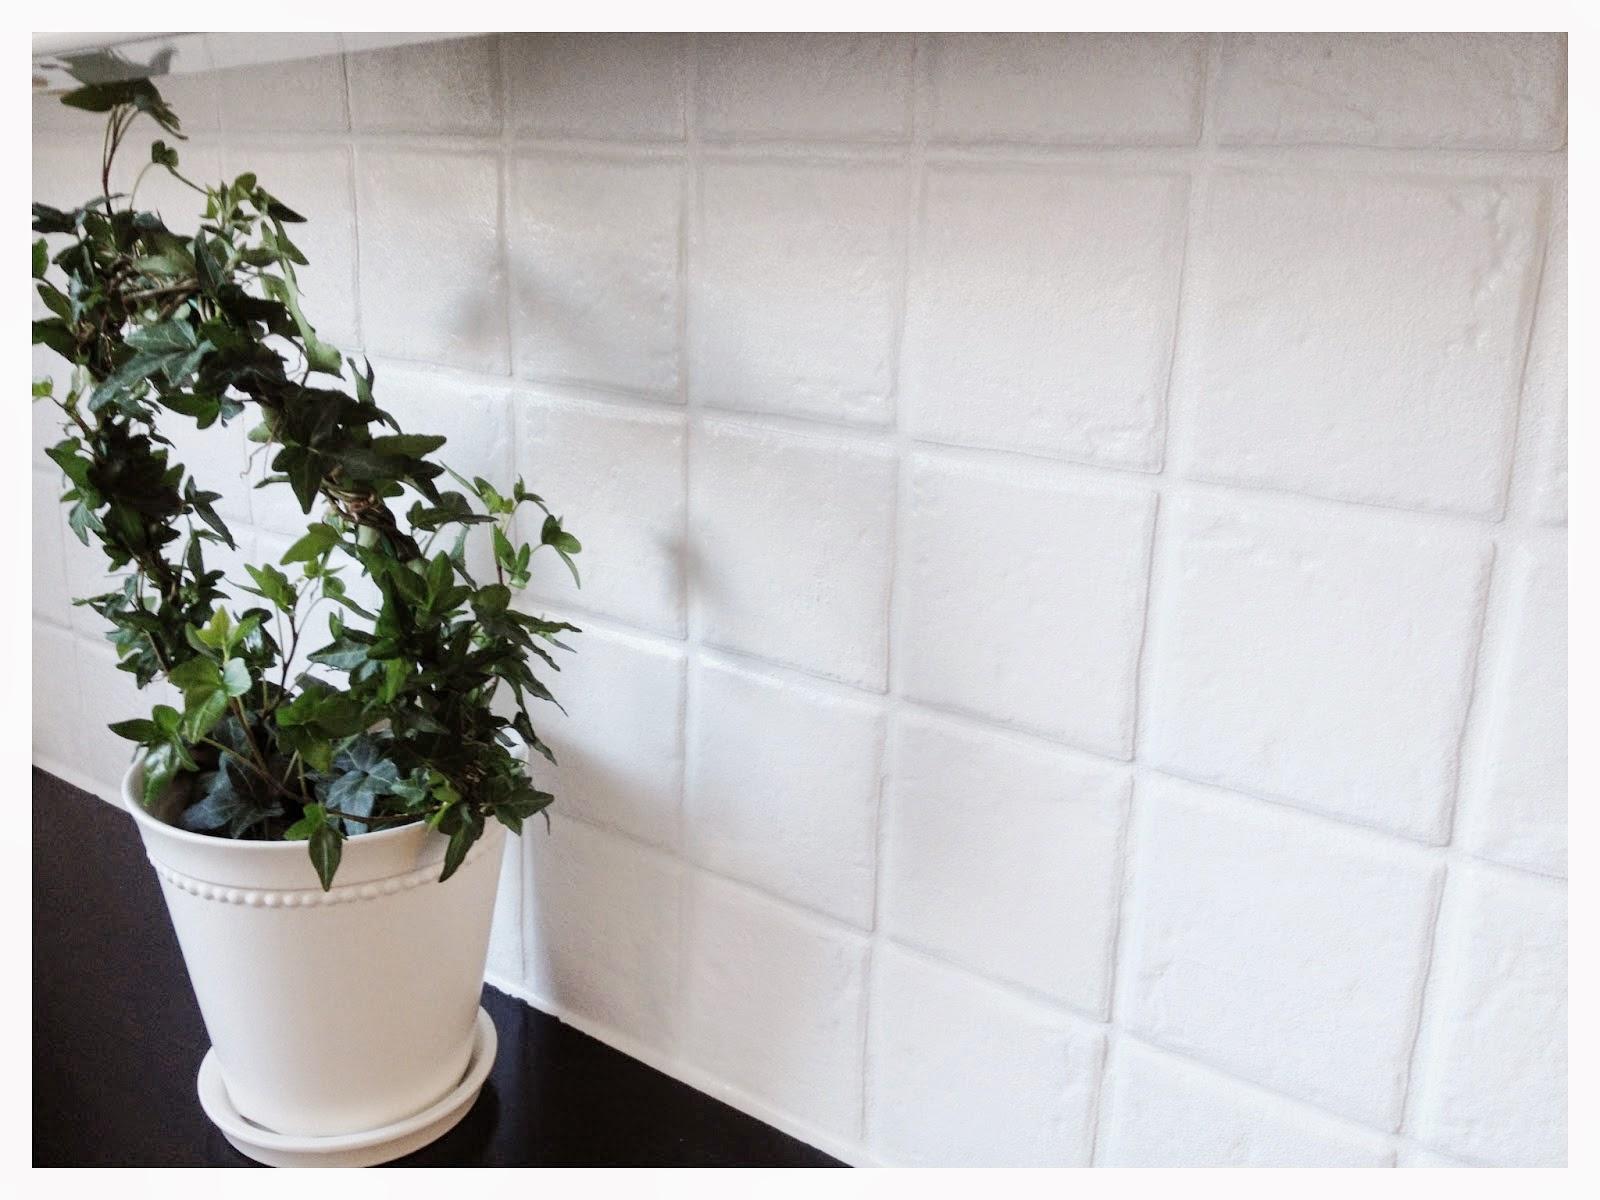 Kakel med blommor: dahlia blanco vit blomma av konradssons kakel ...